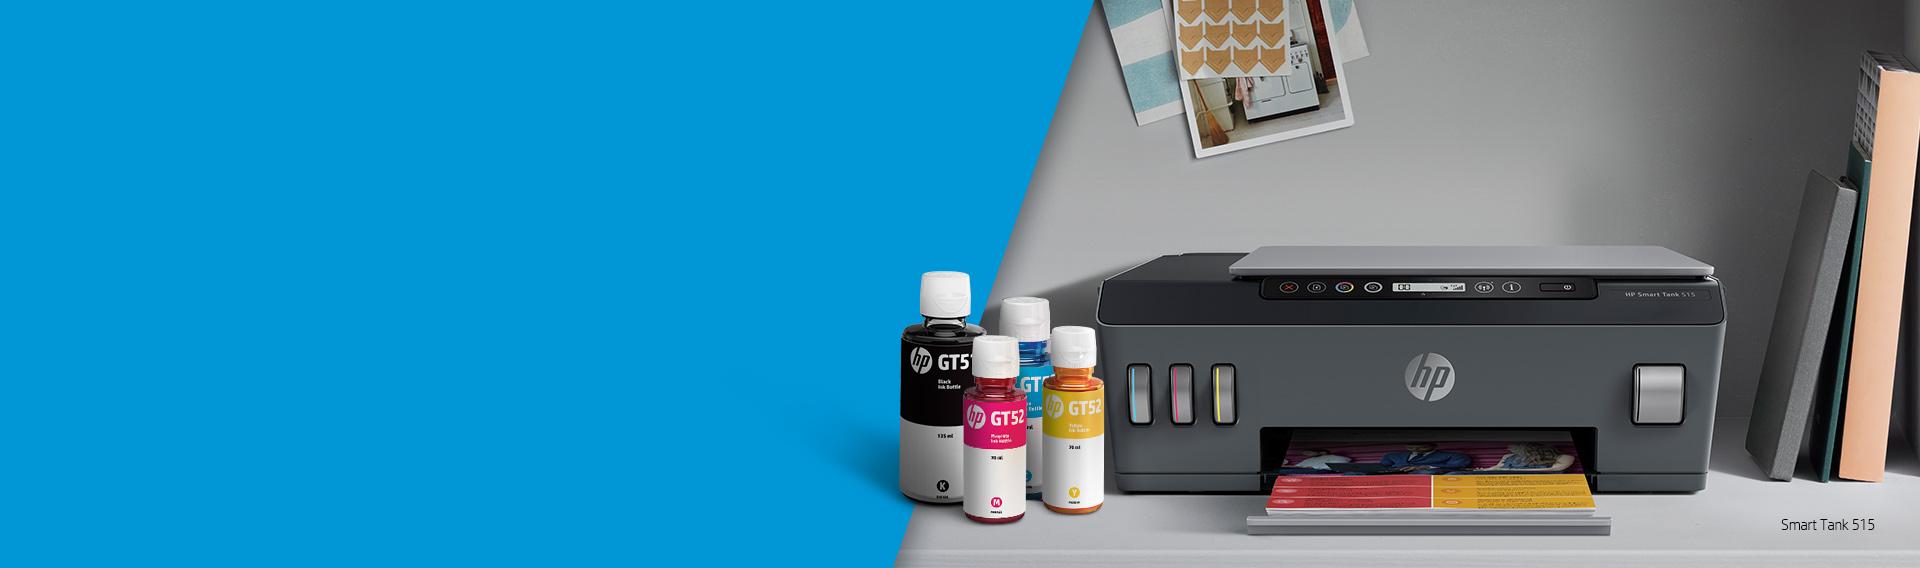 Con Smart Tank HP imprime hasta 12.000 páginas a ultra bajo costo.